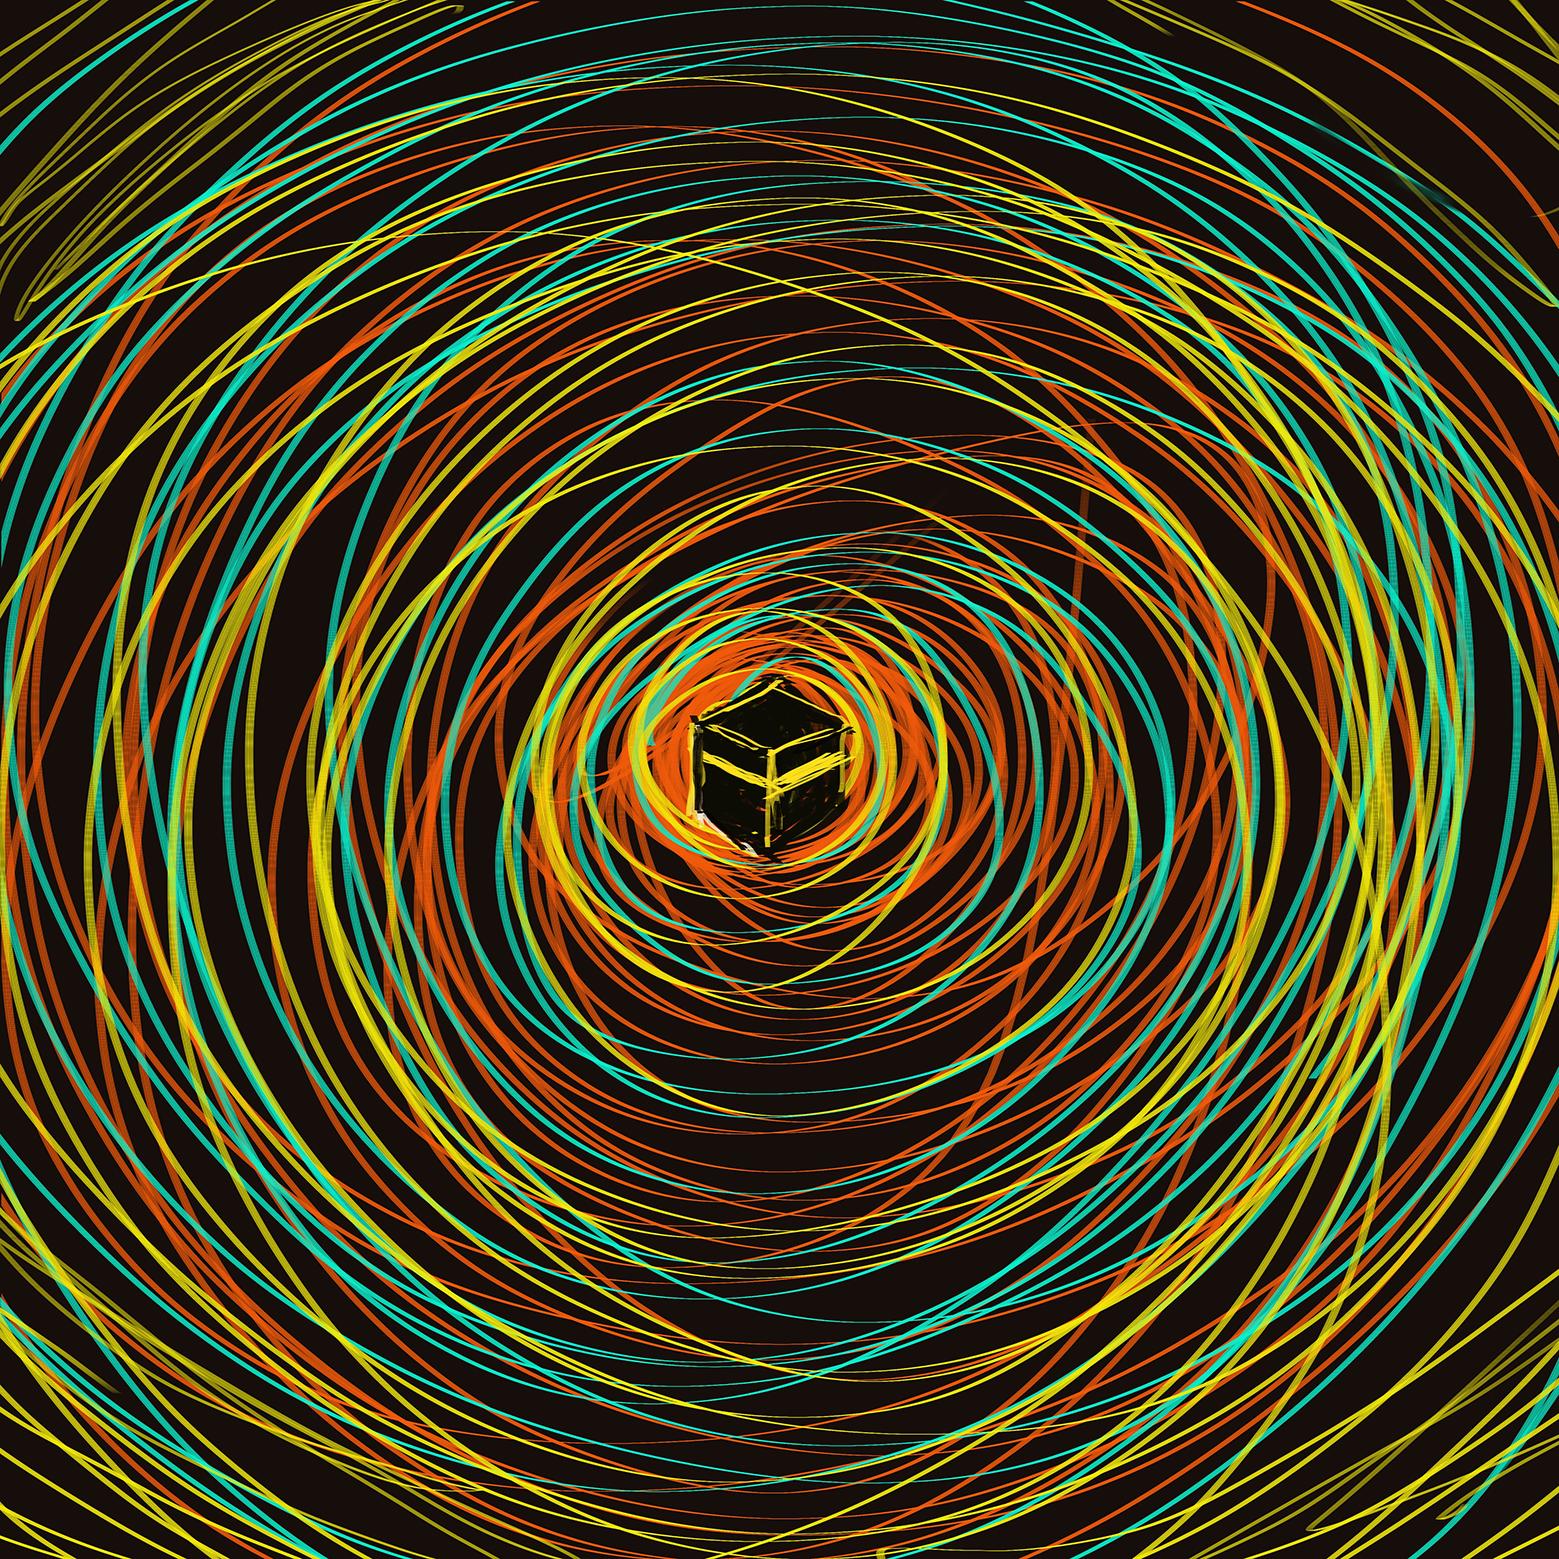 digital kaabah 4.jpg